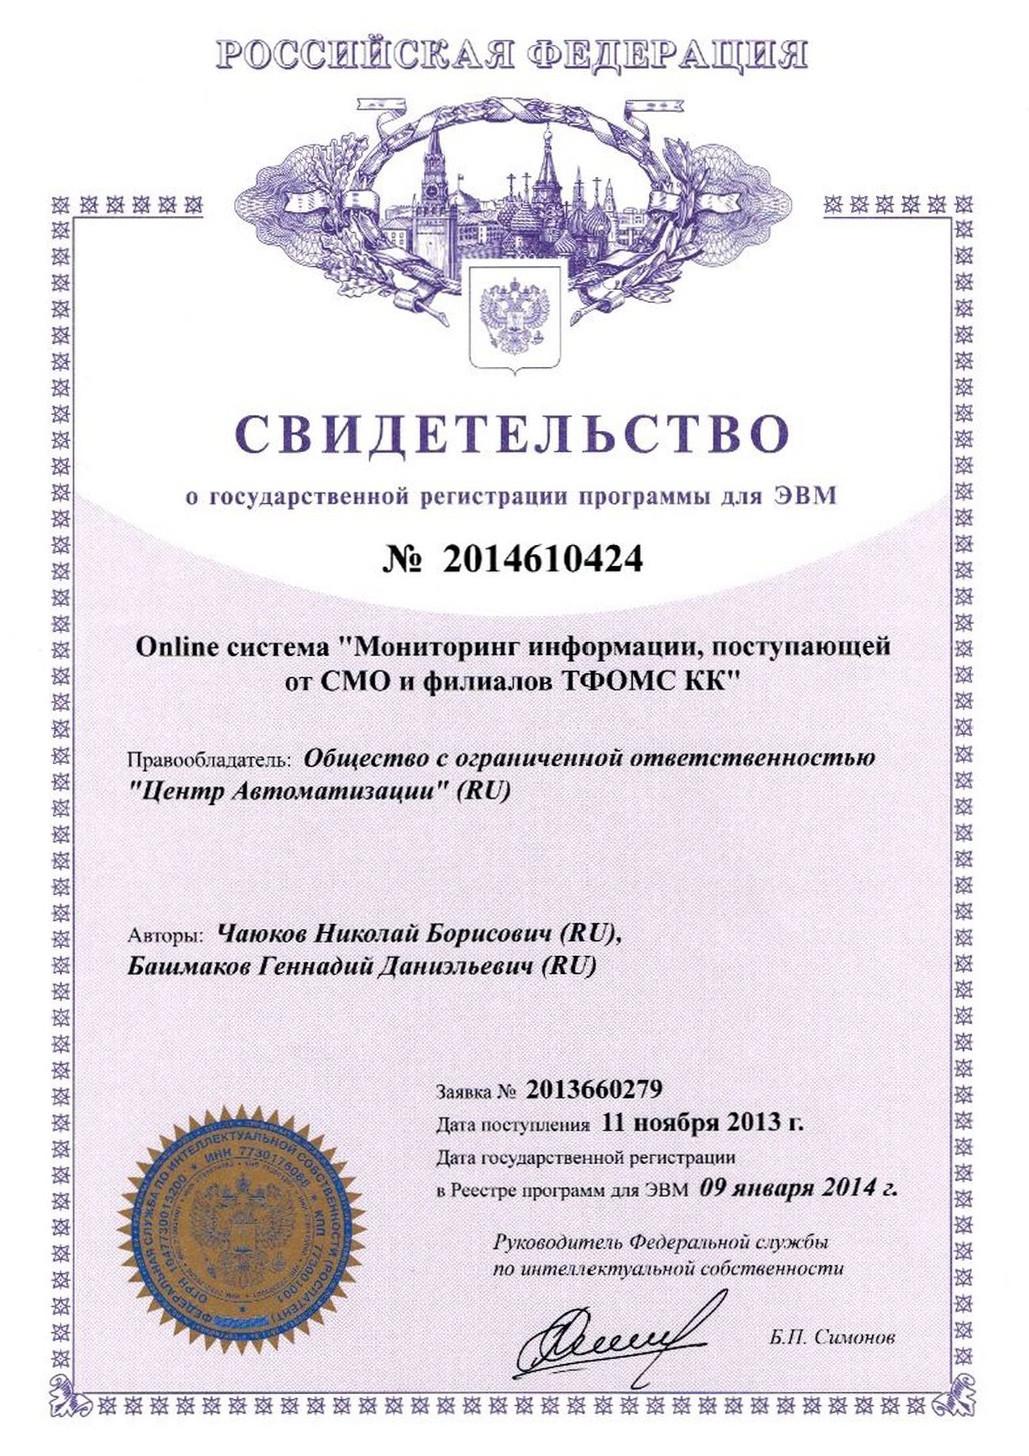 Online система «Мониторинг информации, поступающей от СМО и филиалов ТФОМС КК»